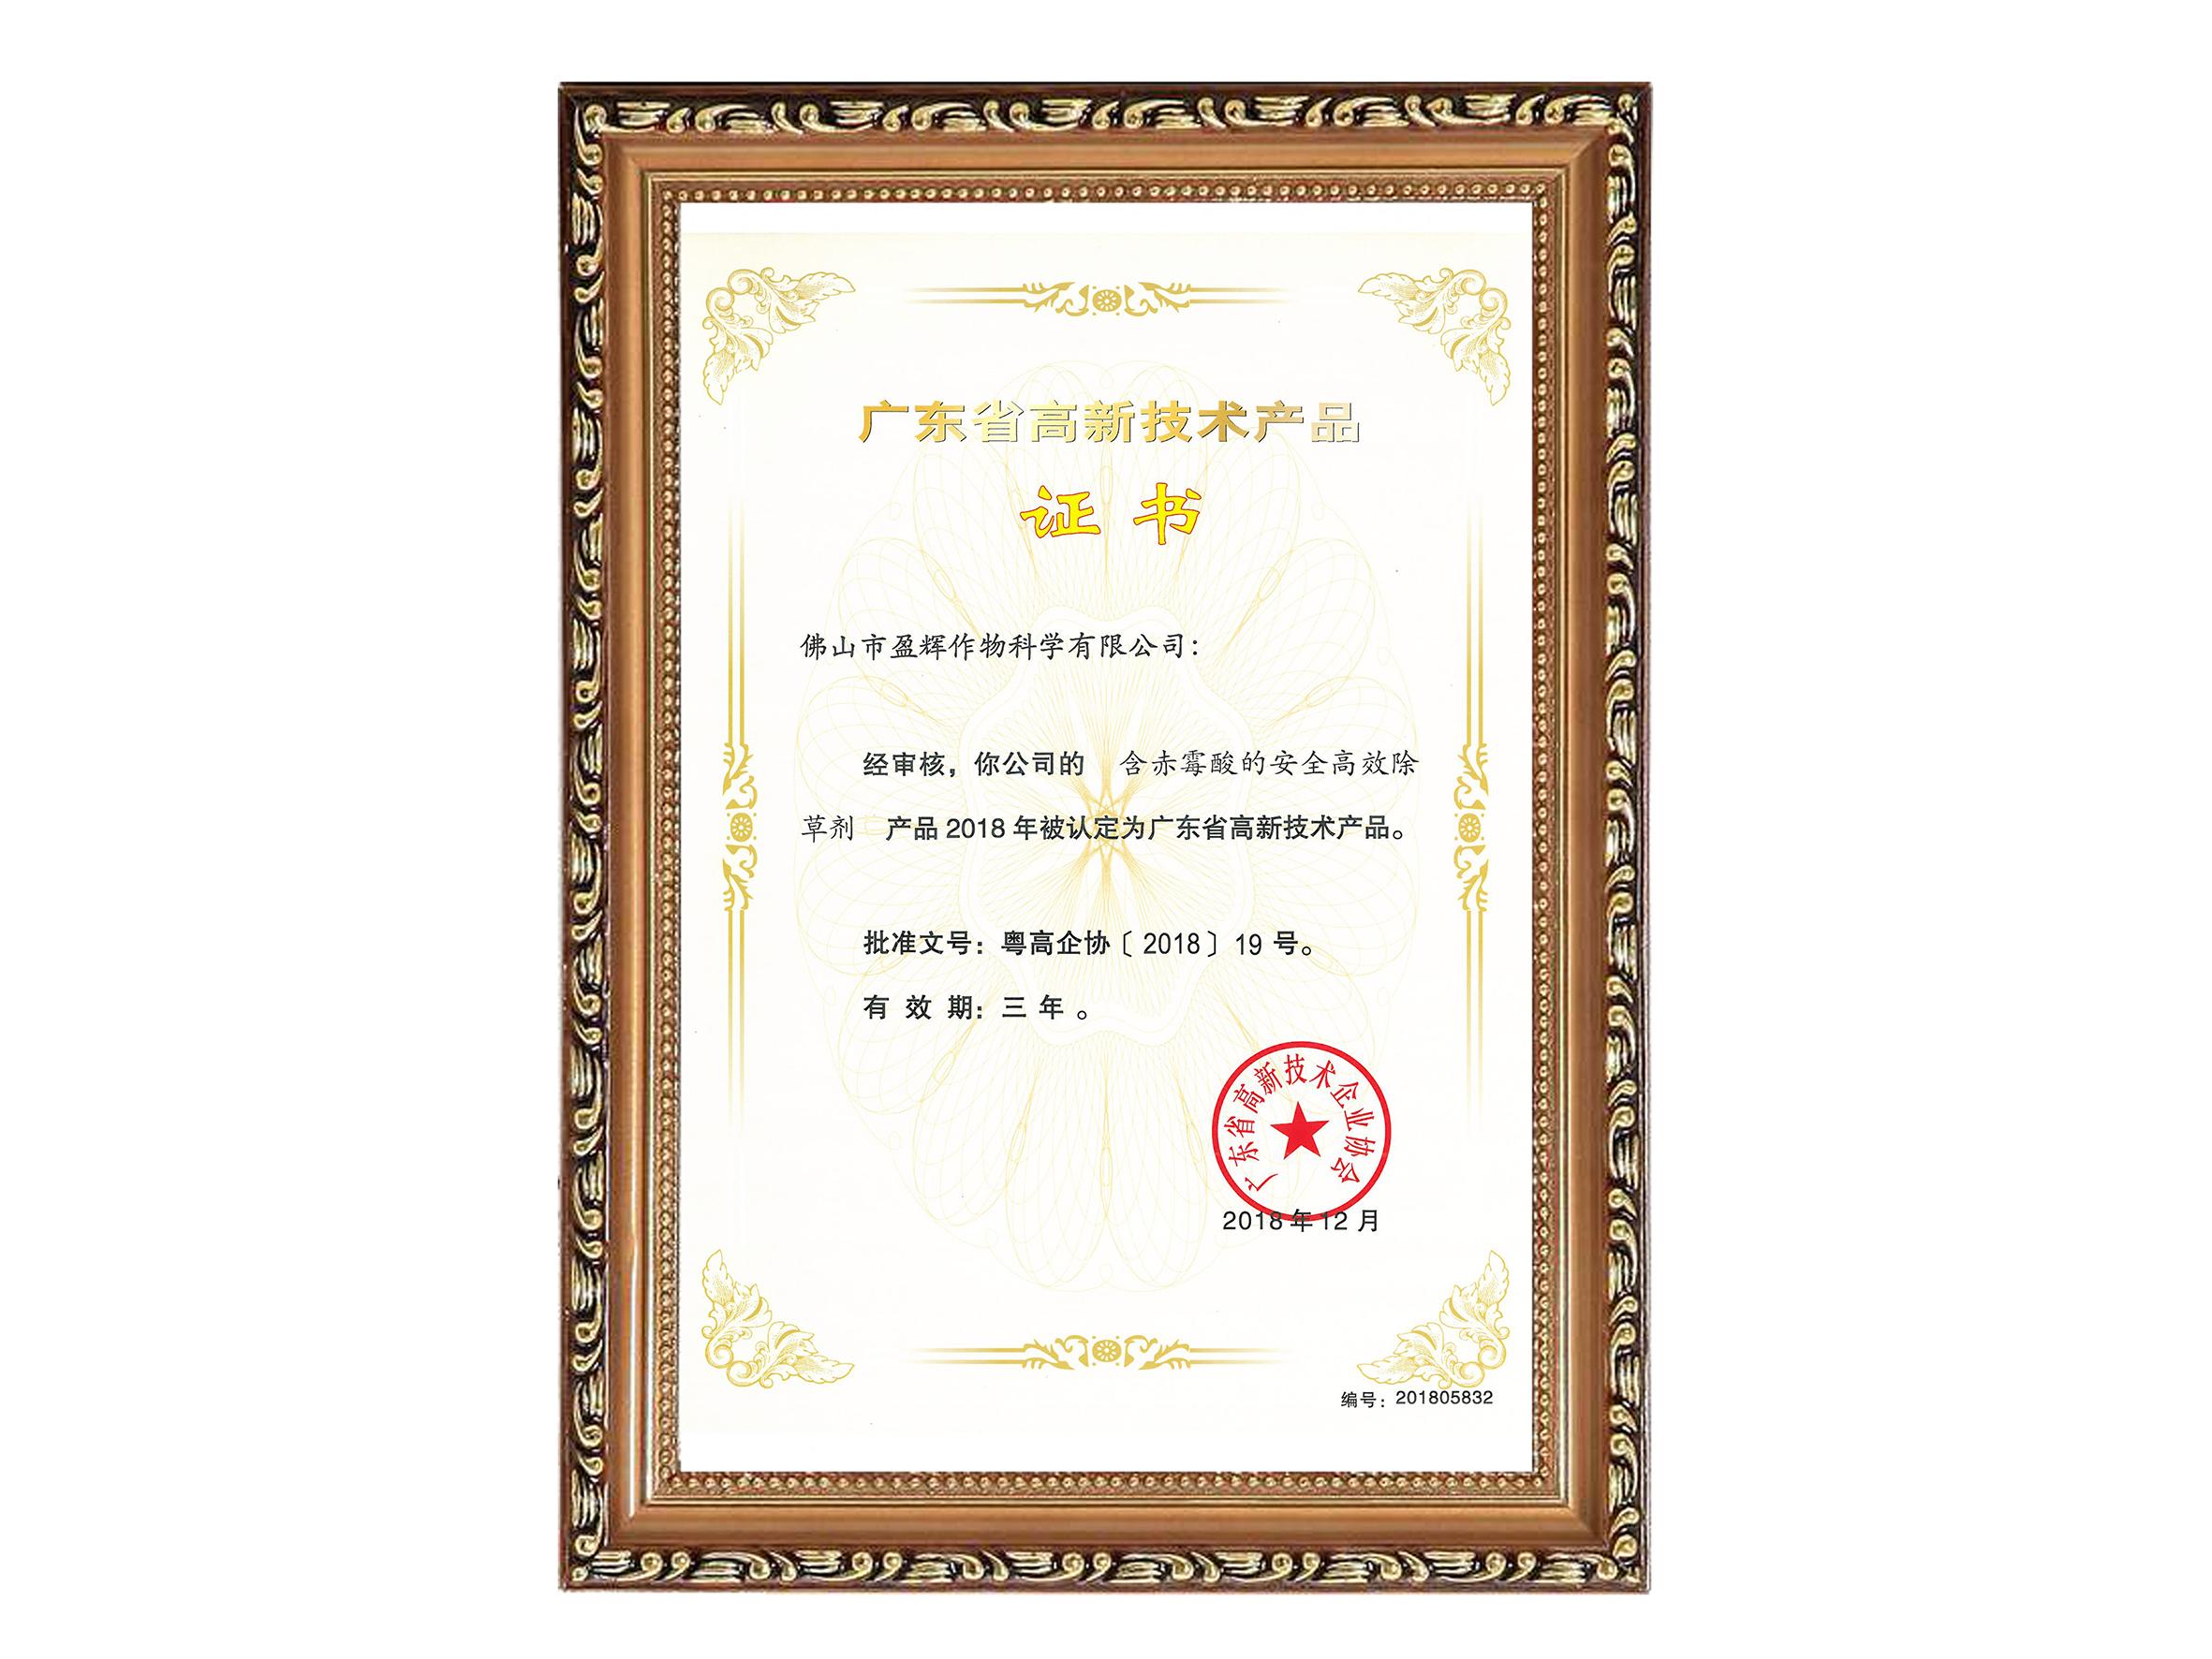 含赤霉酸的安全高效除草剂-广东省高新技术产品(高企申报用)2018